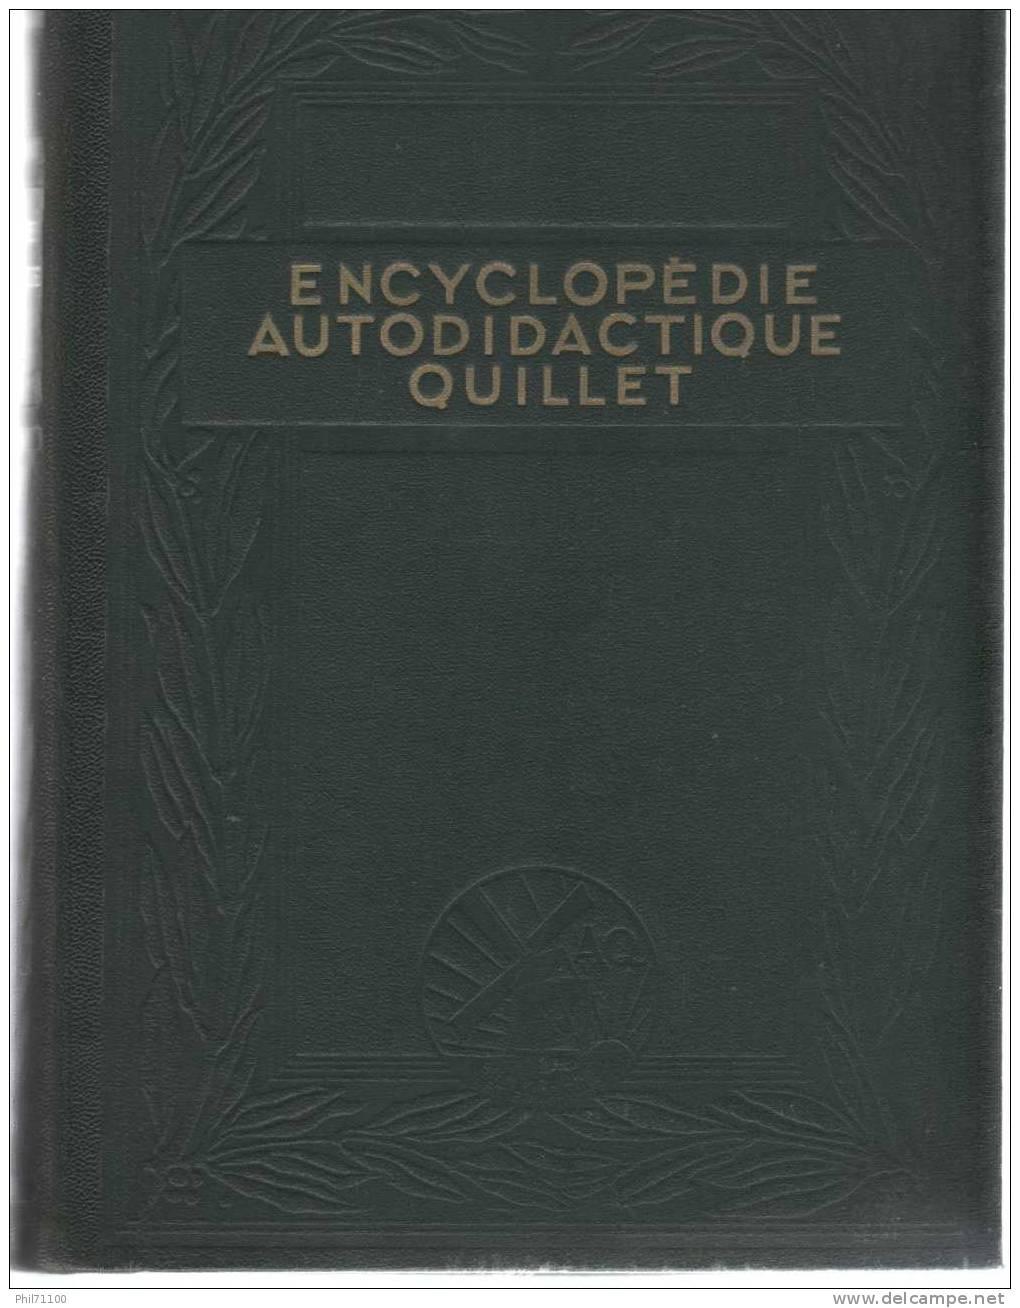 encyclopedie medicale quillet 1965